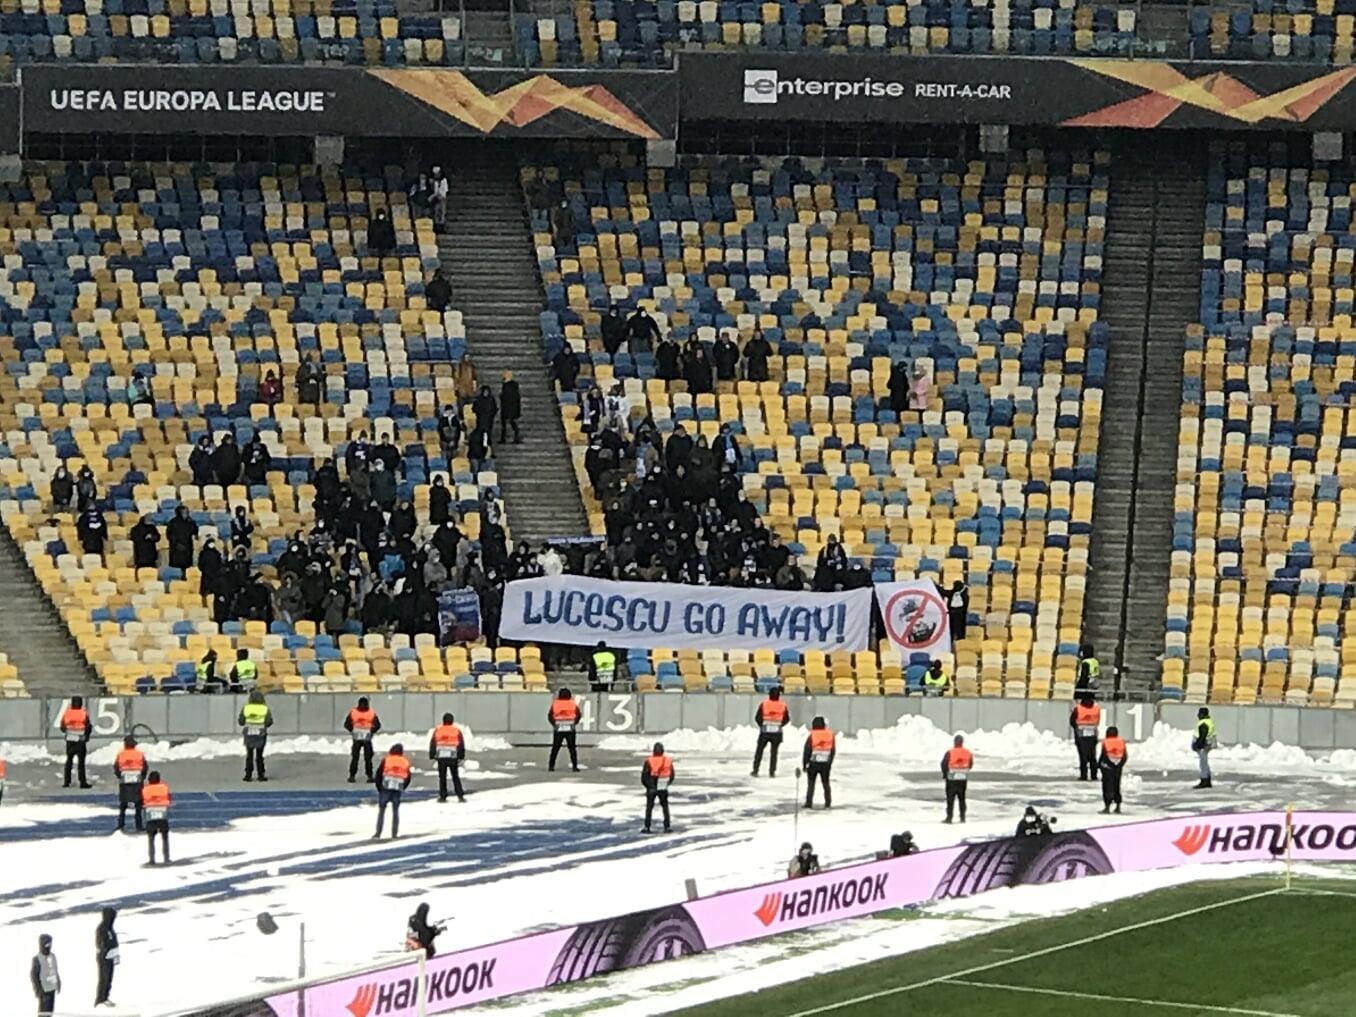 Ультрас киевского «Динамо» вывесили баннер «Луческу, уходи» на матче ЛЕ